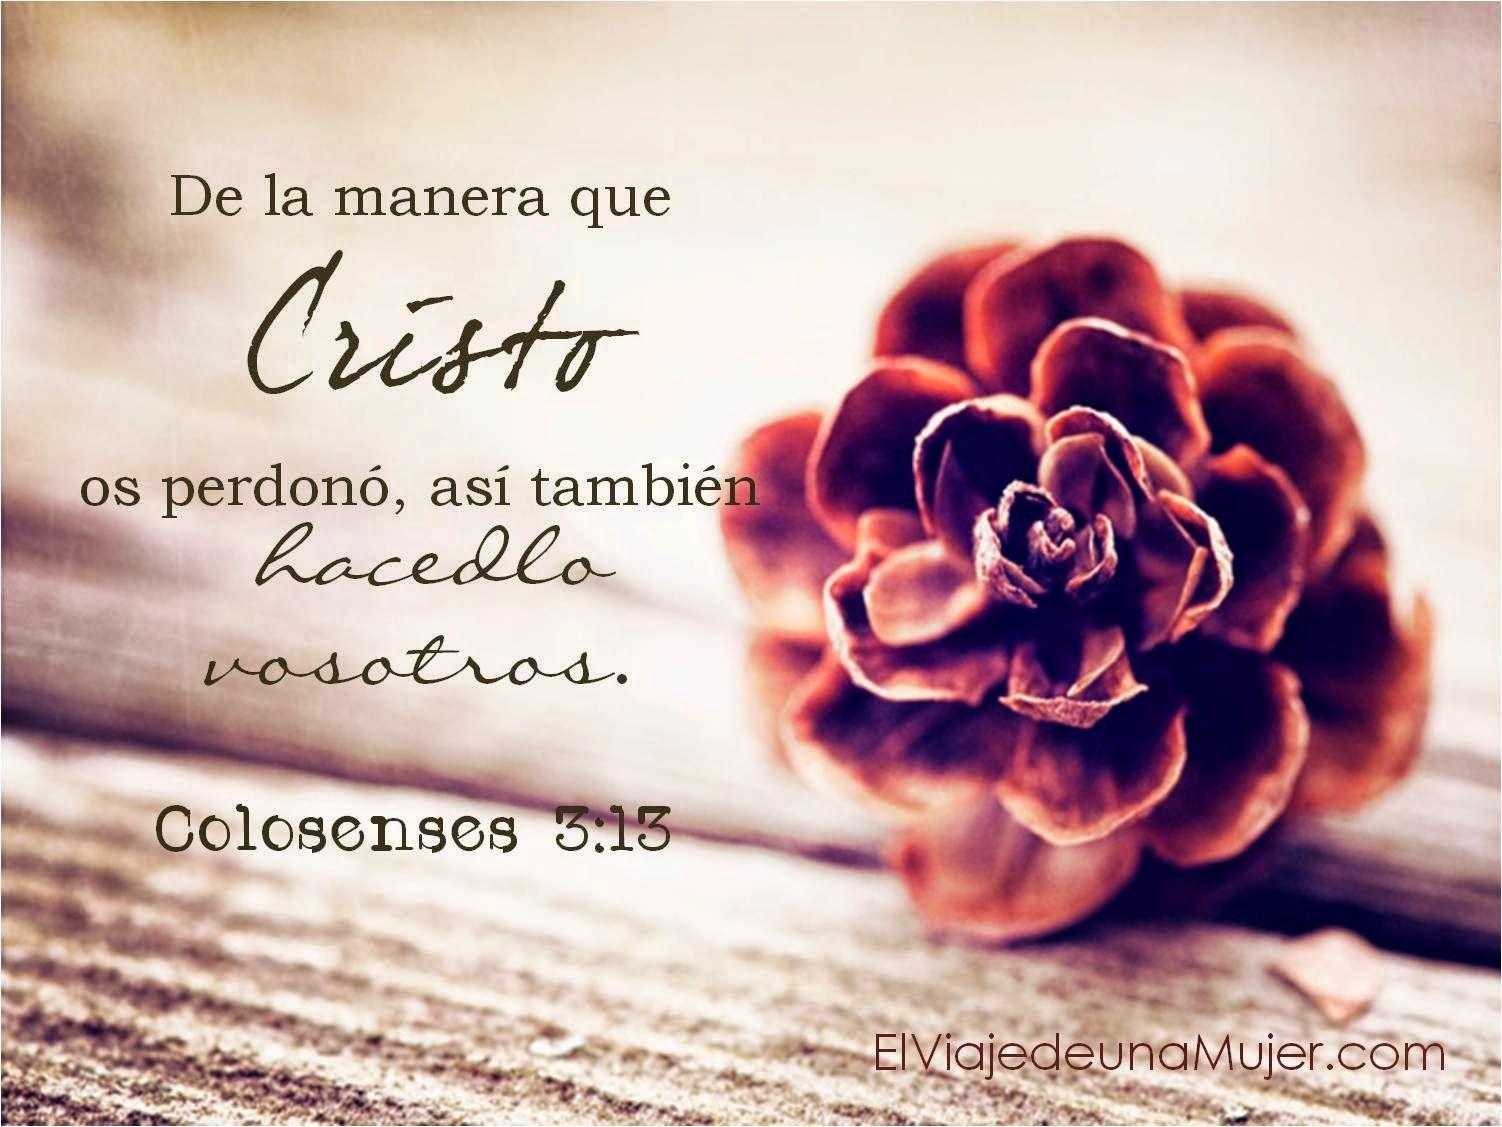 Resultado de imagen de Colosenses 3:13